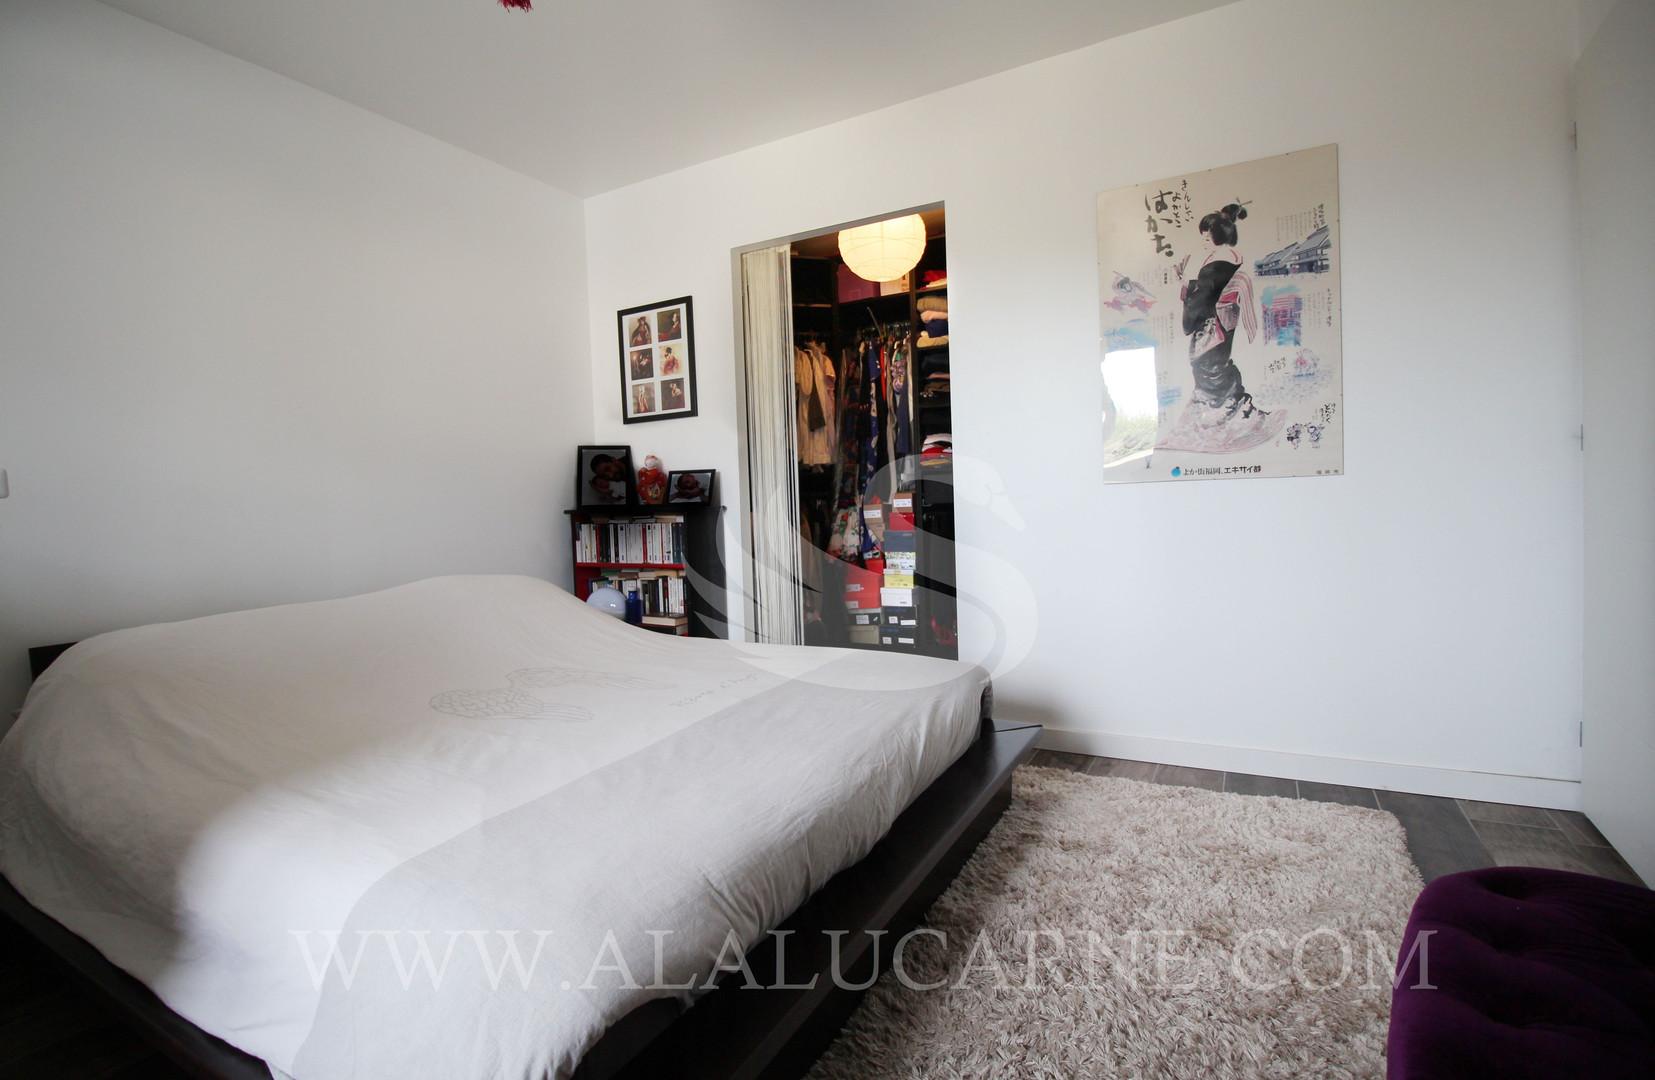 A_vendre_à_Castelnau_maison_de_109_m²_